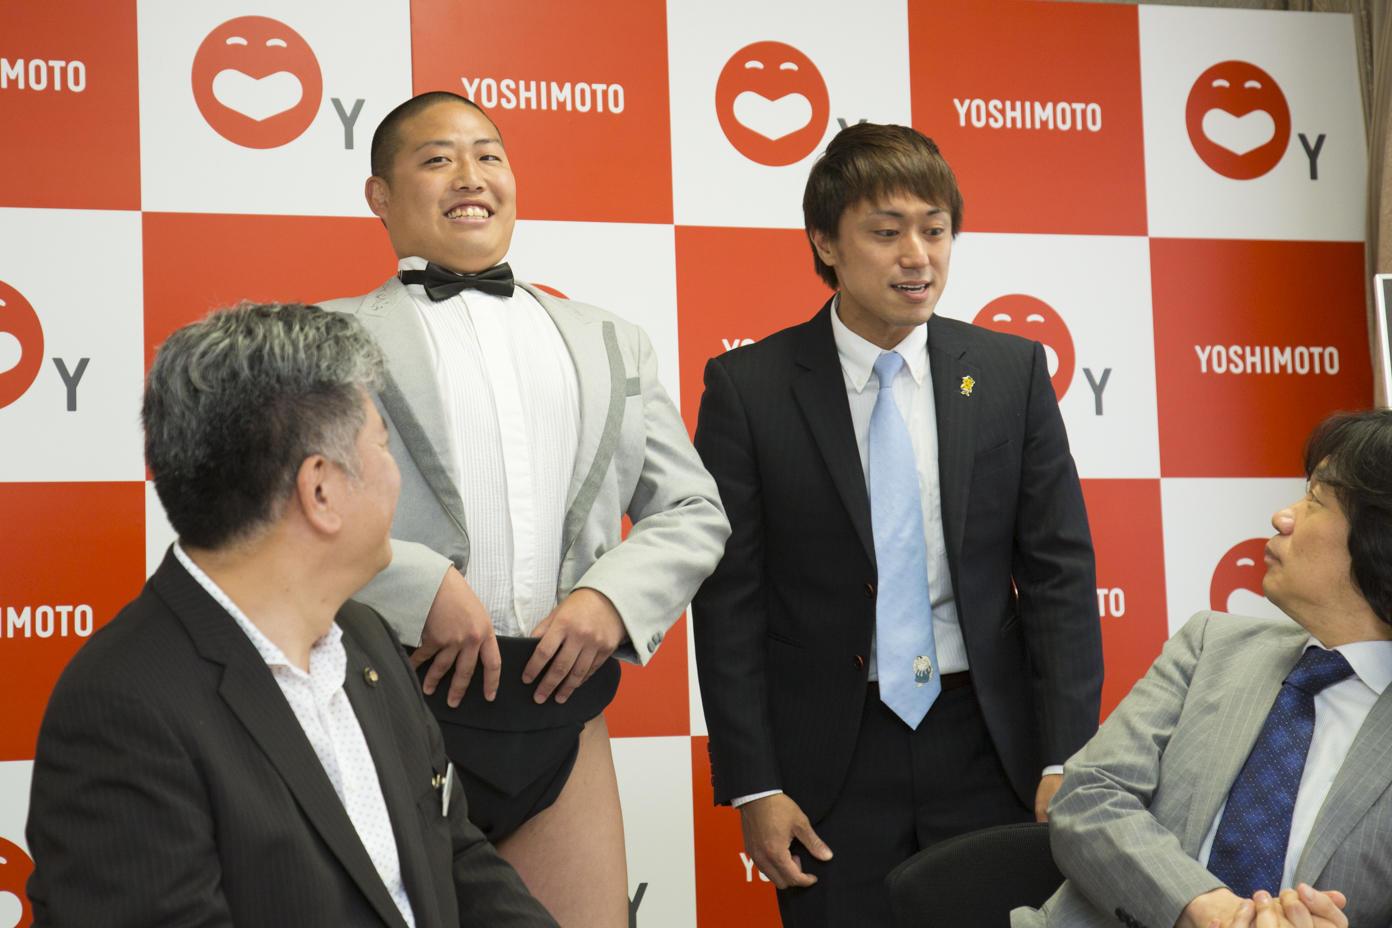 http://news.yoshimoto.co.jp/20160629221243-4eed8b1ddba6b73ed74be86dca76f0f8bf13ac79.jpg